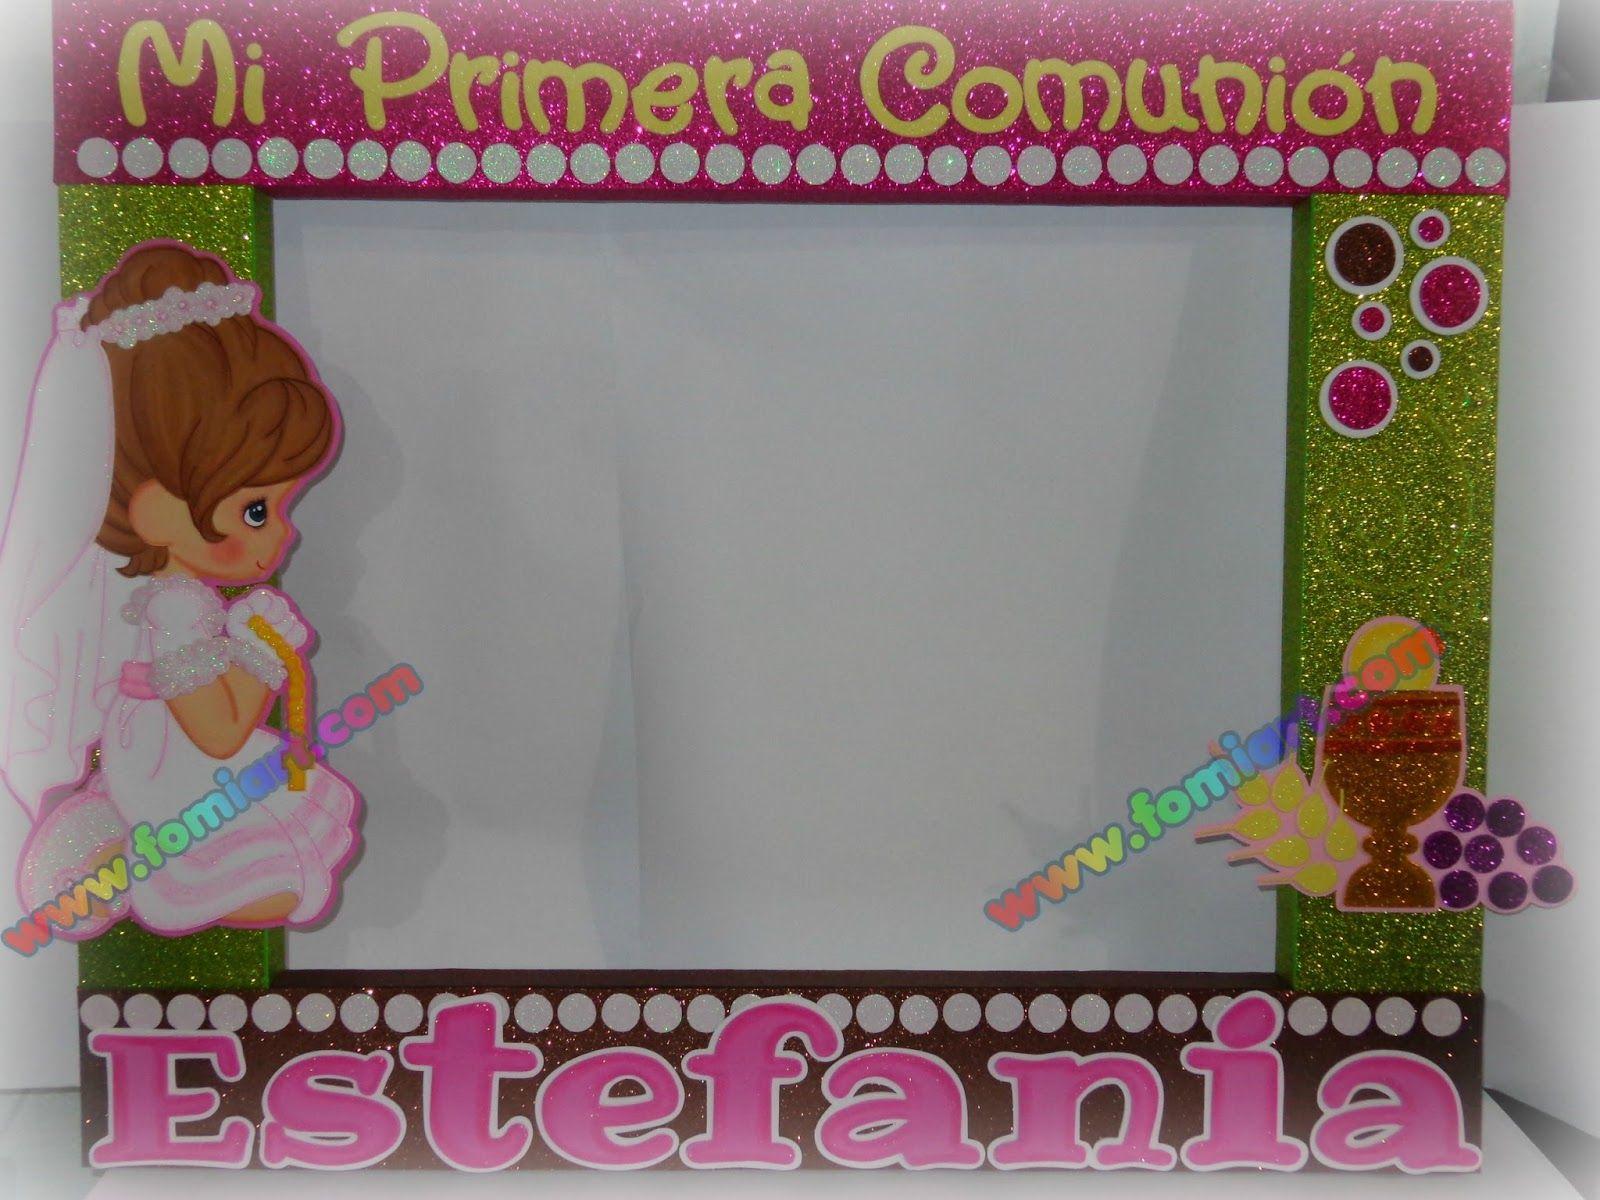 niña precious moments en fomiart | COMUNION | Pinterest | Precious ...